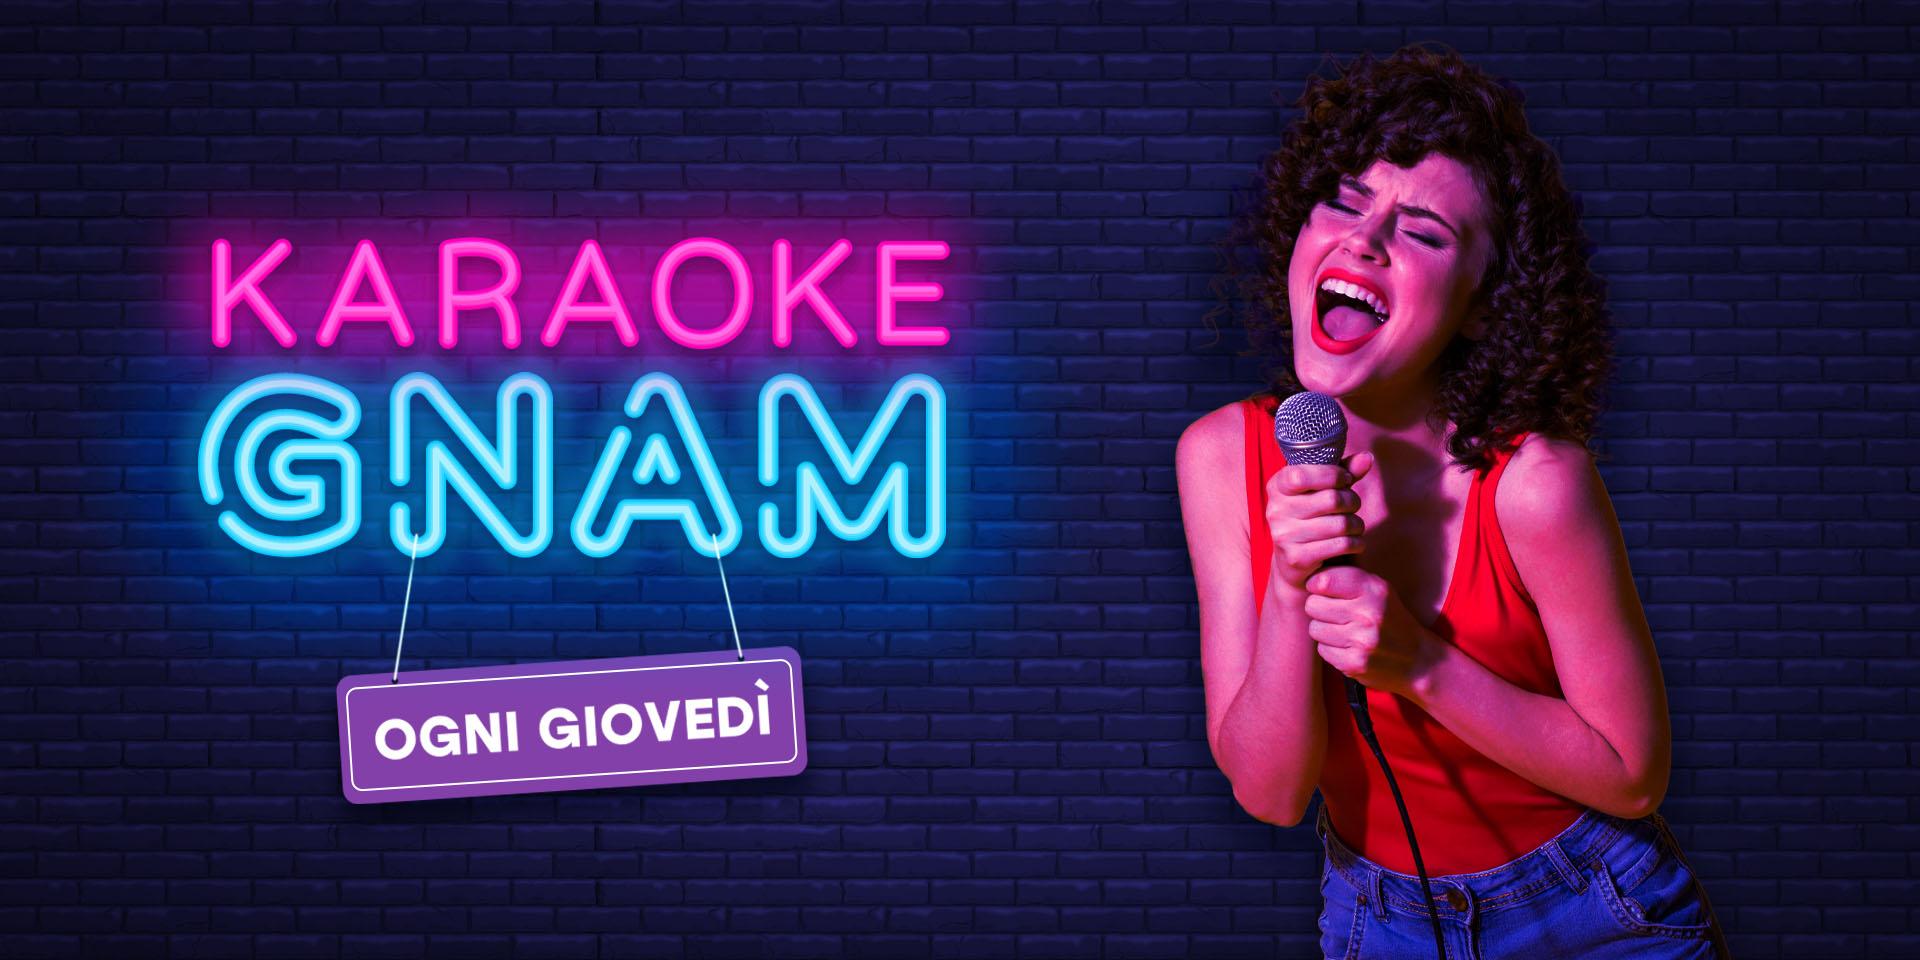 Karaoke || Scopri le date